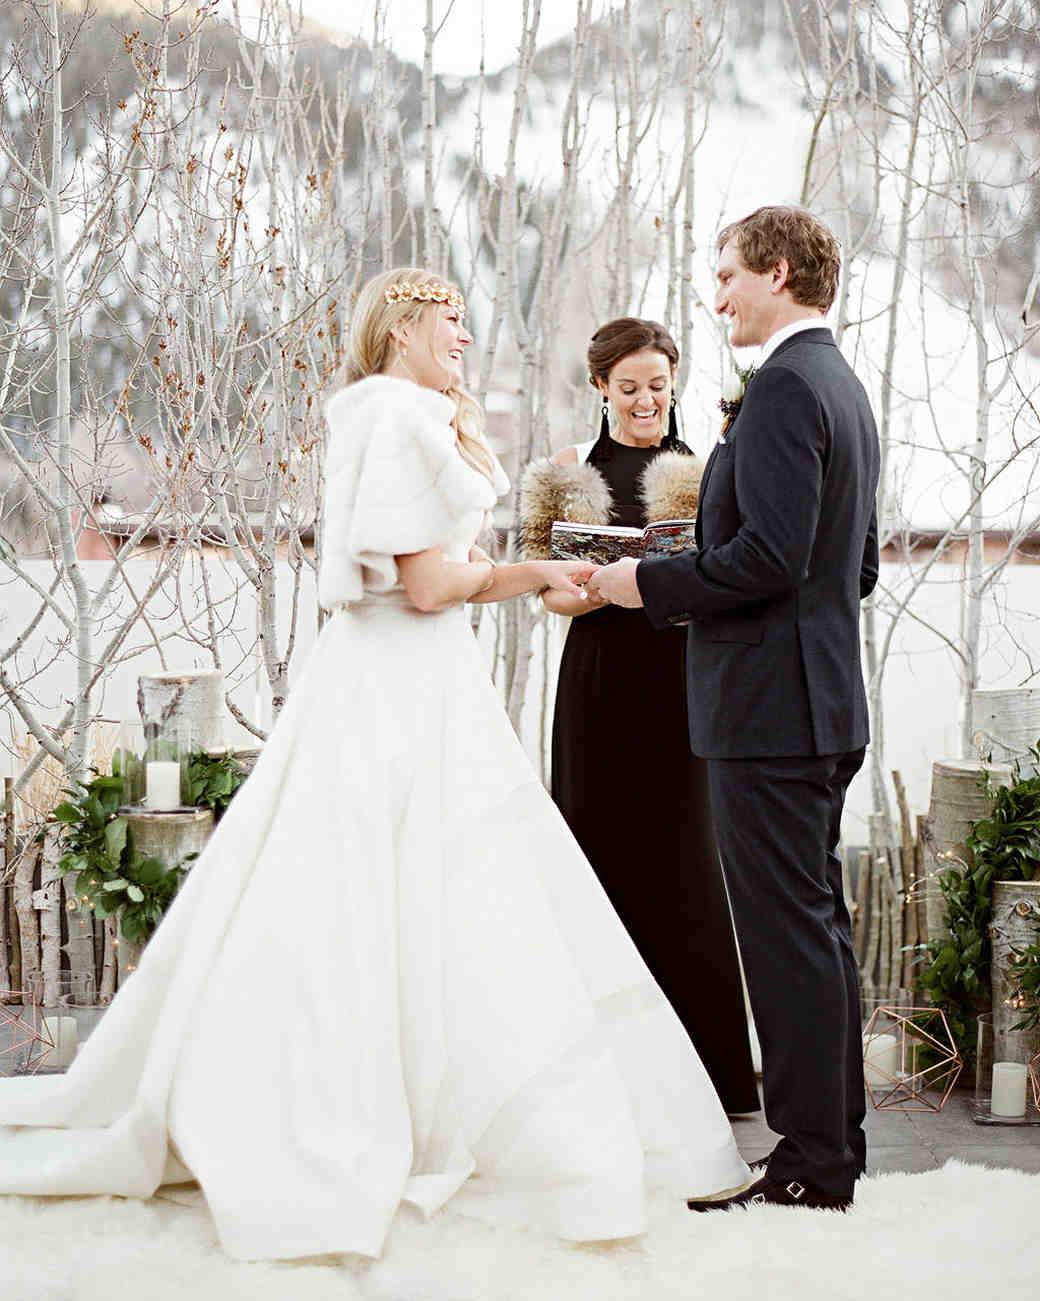 wedding couple ceremony snow